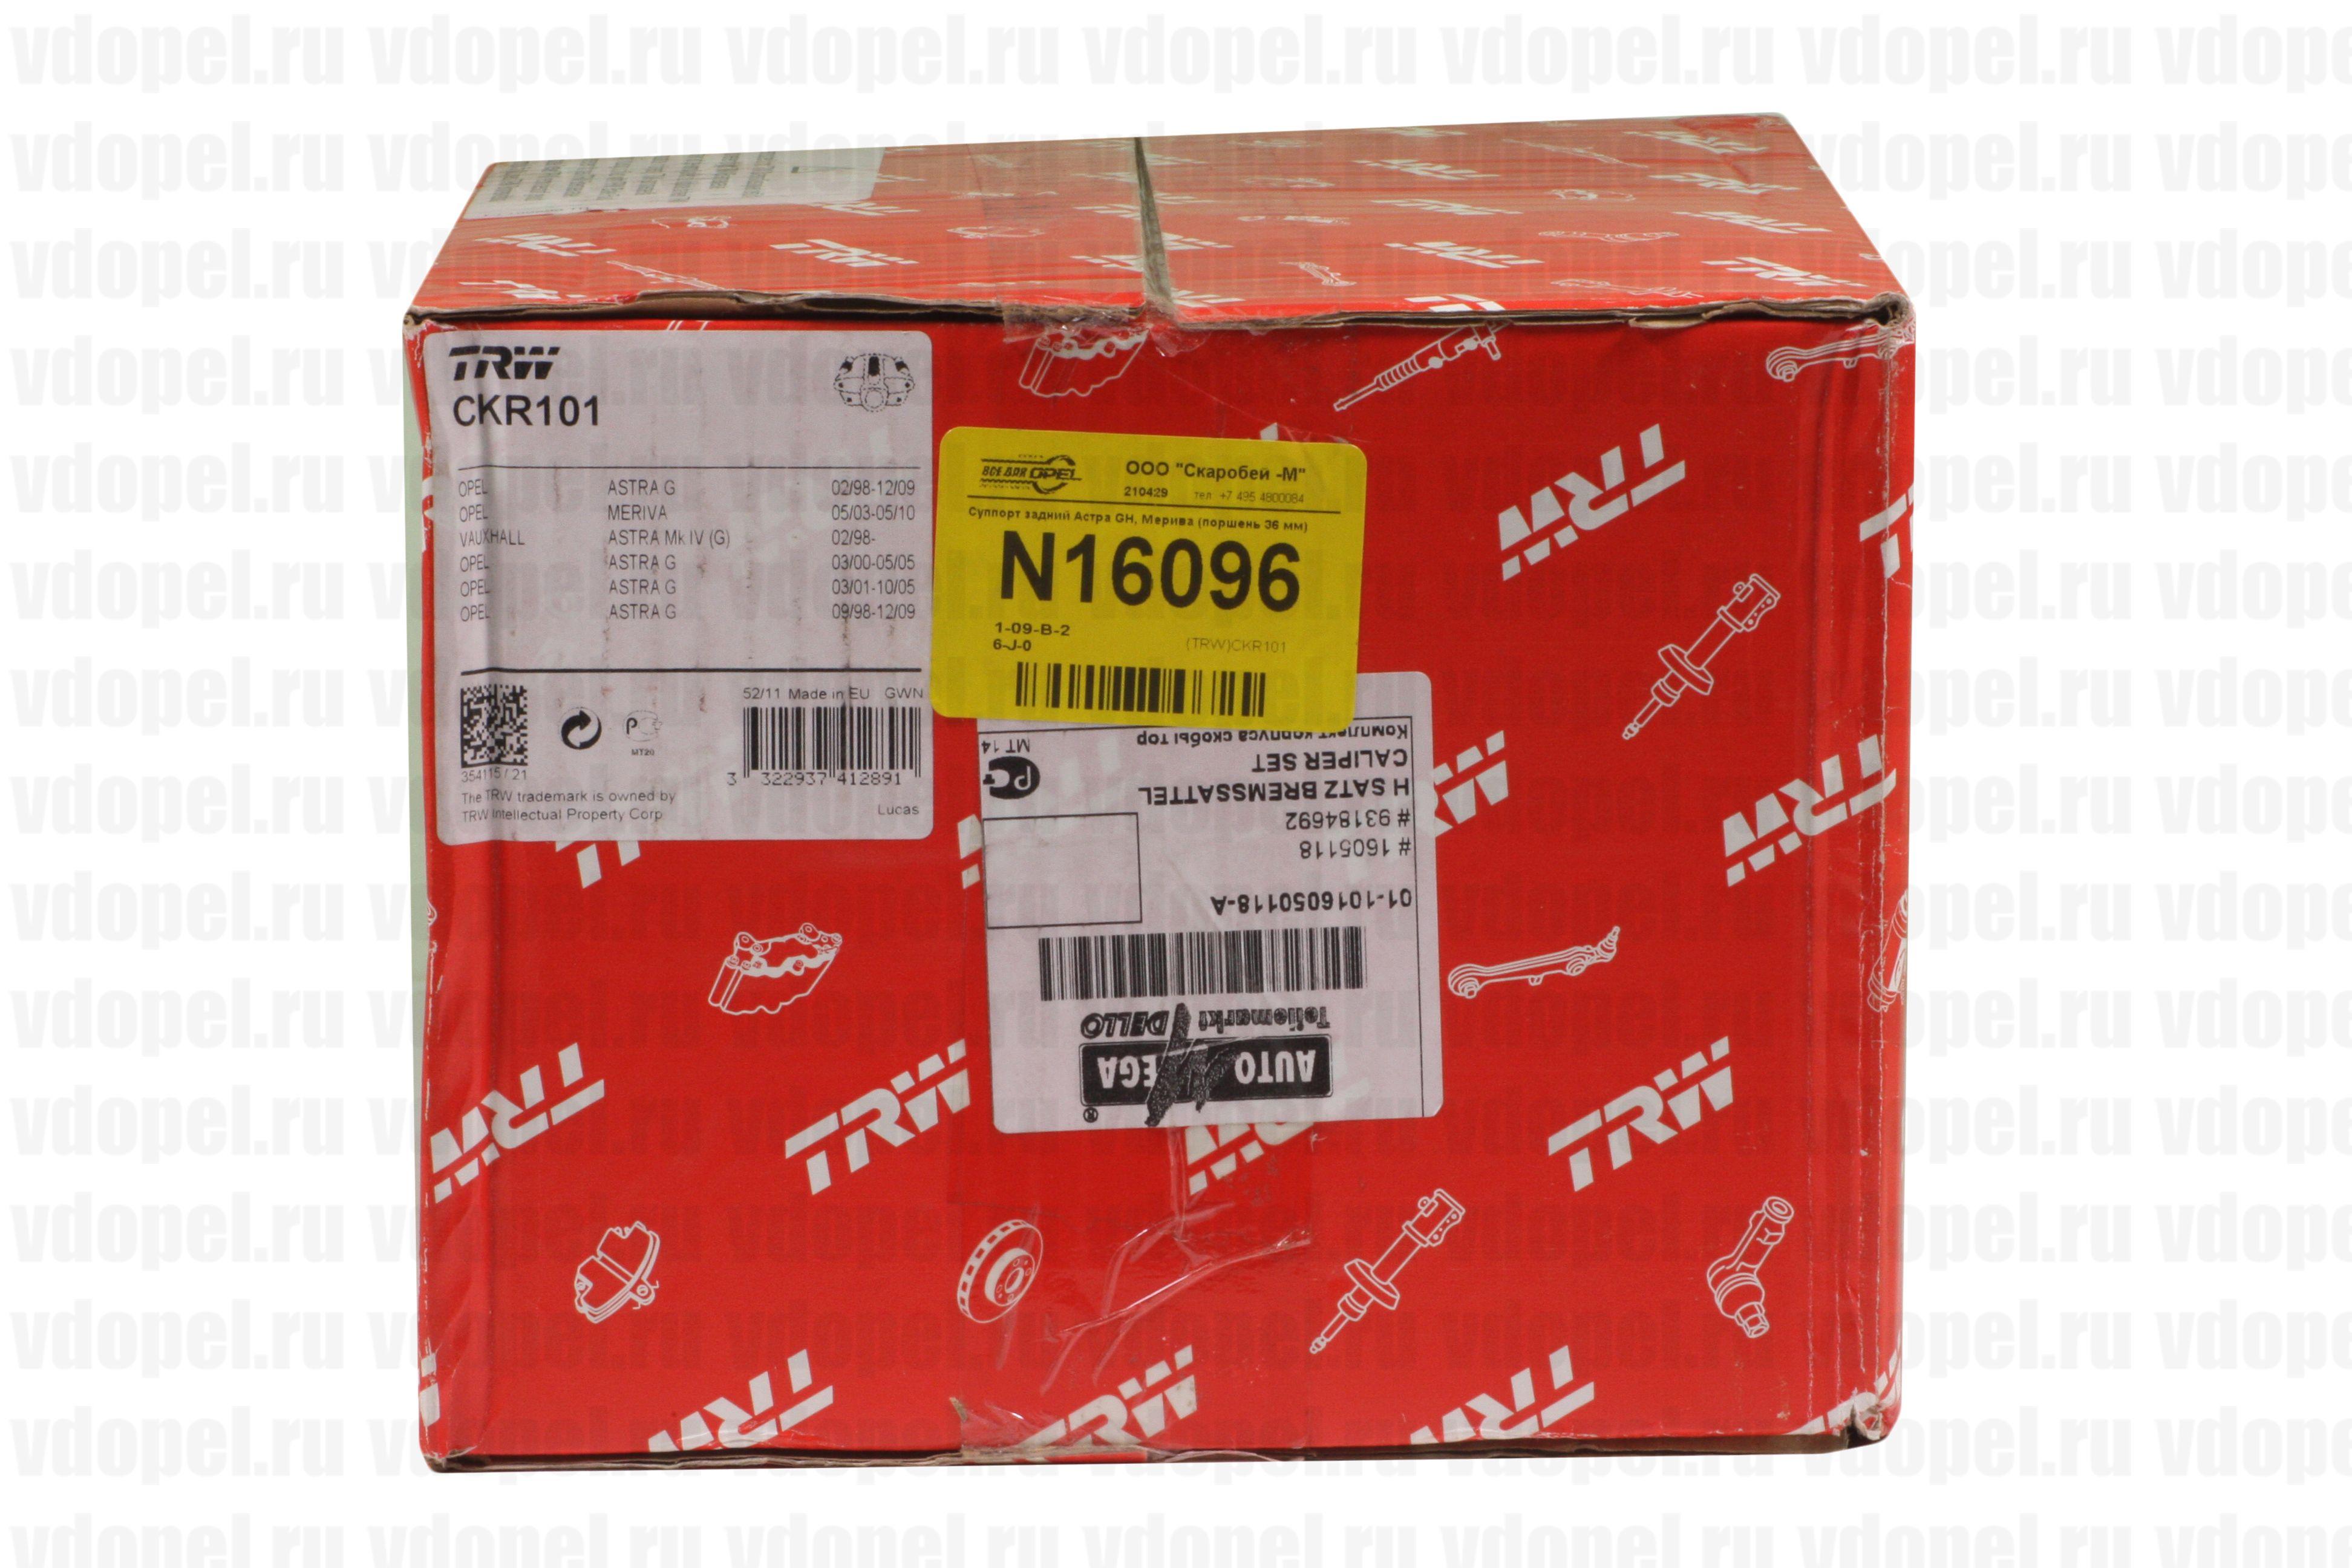 TRW CKR101  - Суппорт задний Астра GH, Мерива (поршень 36 мм) (LUCAS) комплект лев/прав (два суппорта 0542475/0542476, две скобы 0546389, комплект колодок 1605995)